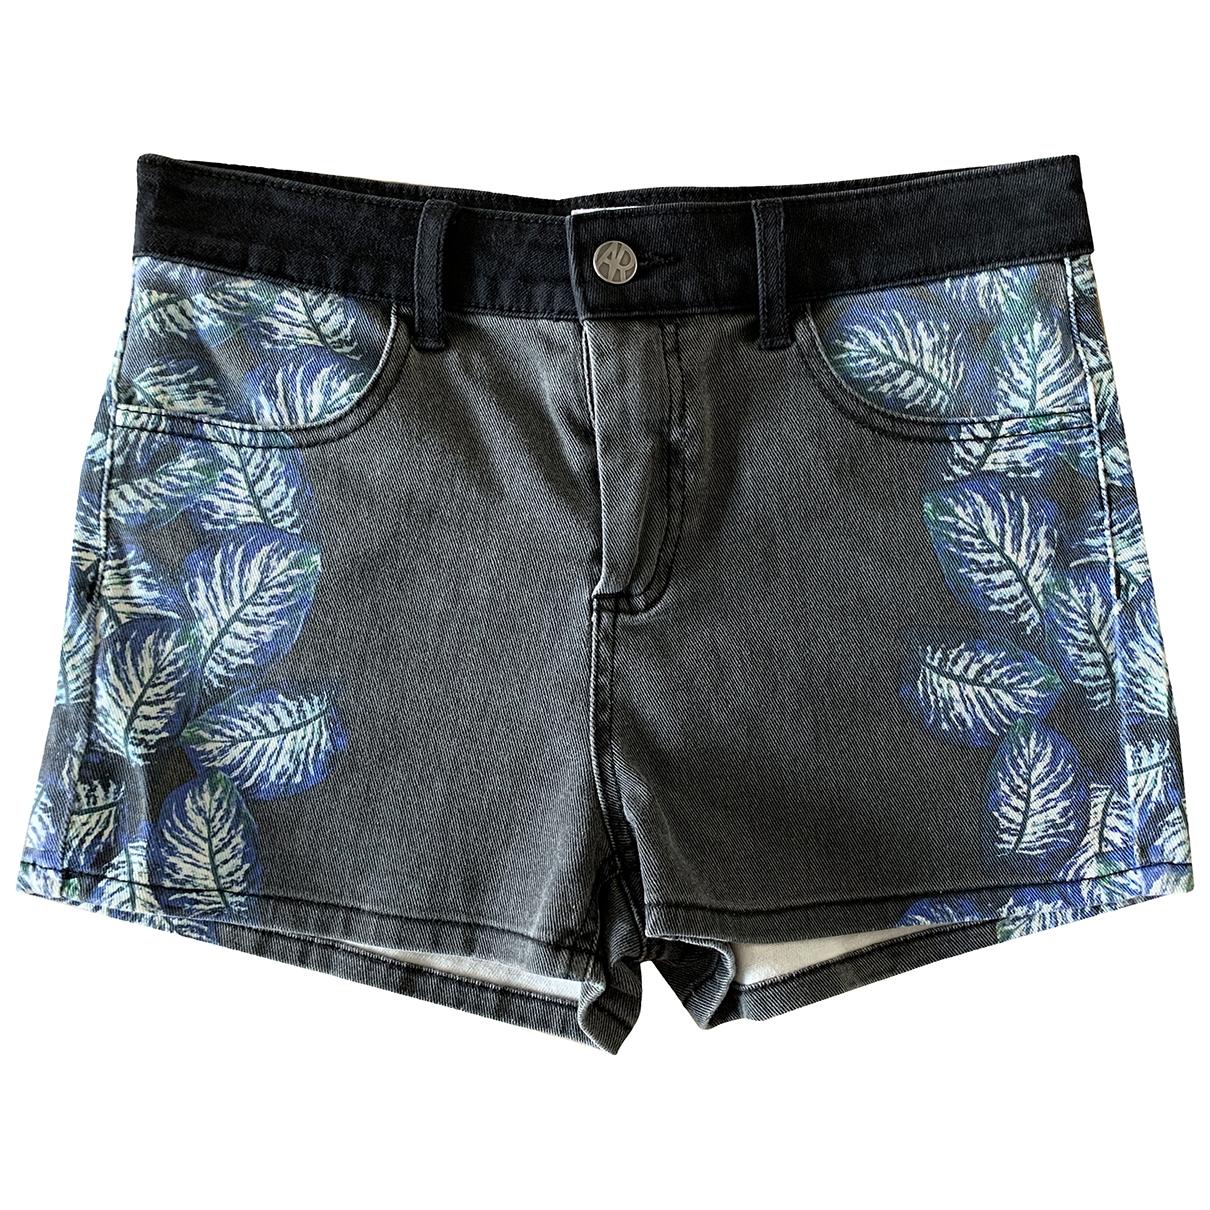 American Retro \N Shorts in  Schwarz Baumwolle - Elasthan